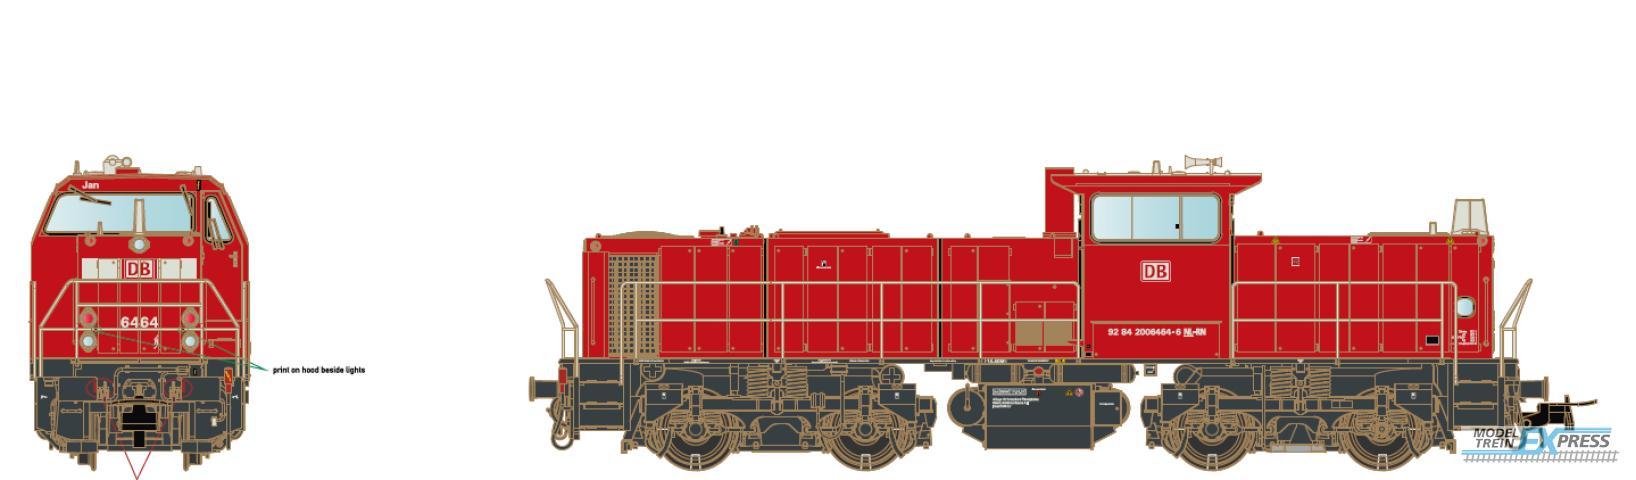 Rocky-Rail 64644